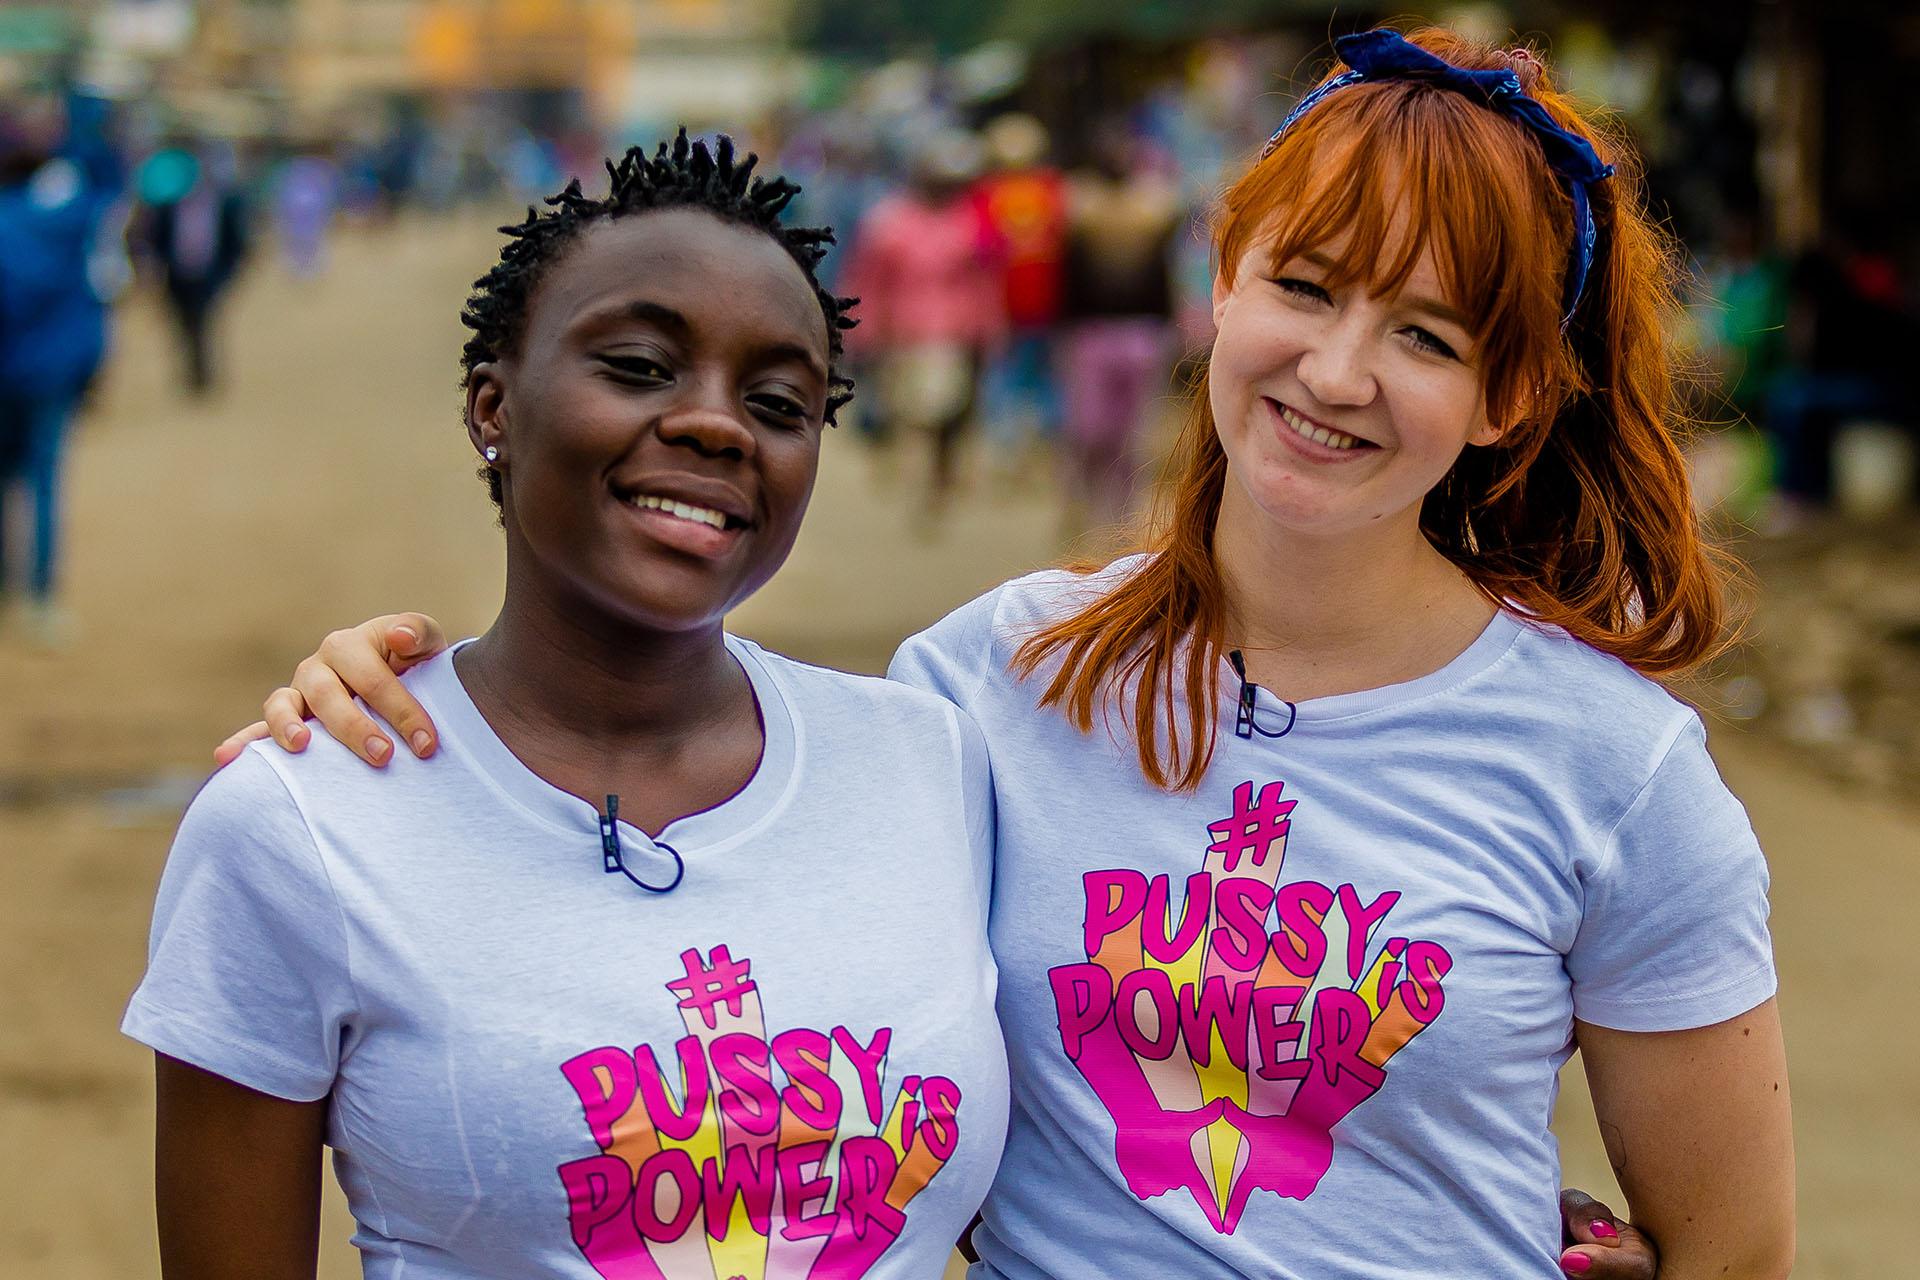 #PussyisPower: Deutsche Stiftung Weltbevölkerung und Endemol Shine Beyond starten Social-Media-Kampagne für starke Frauen